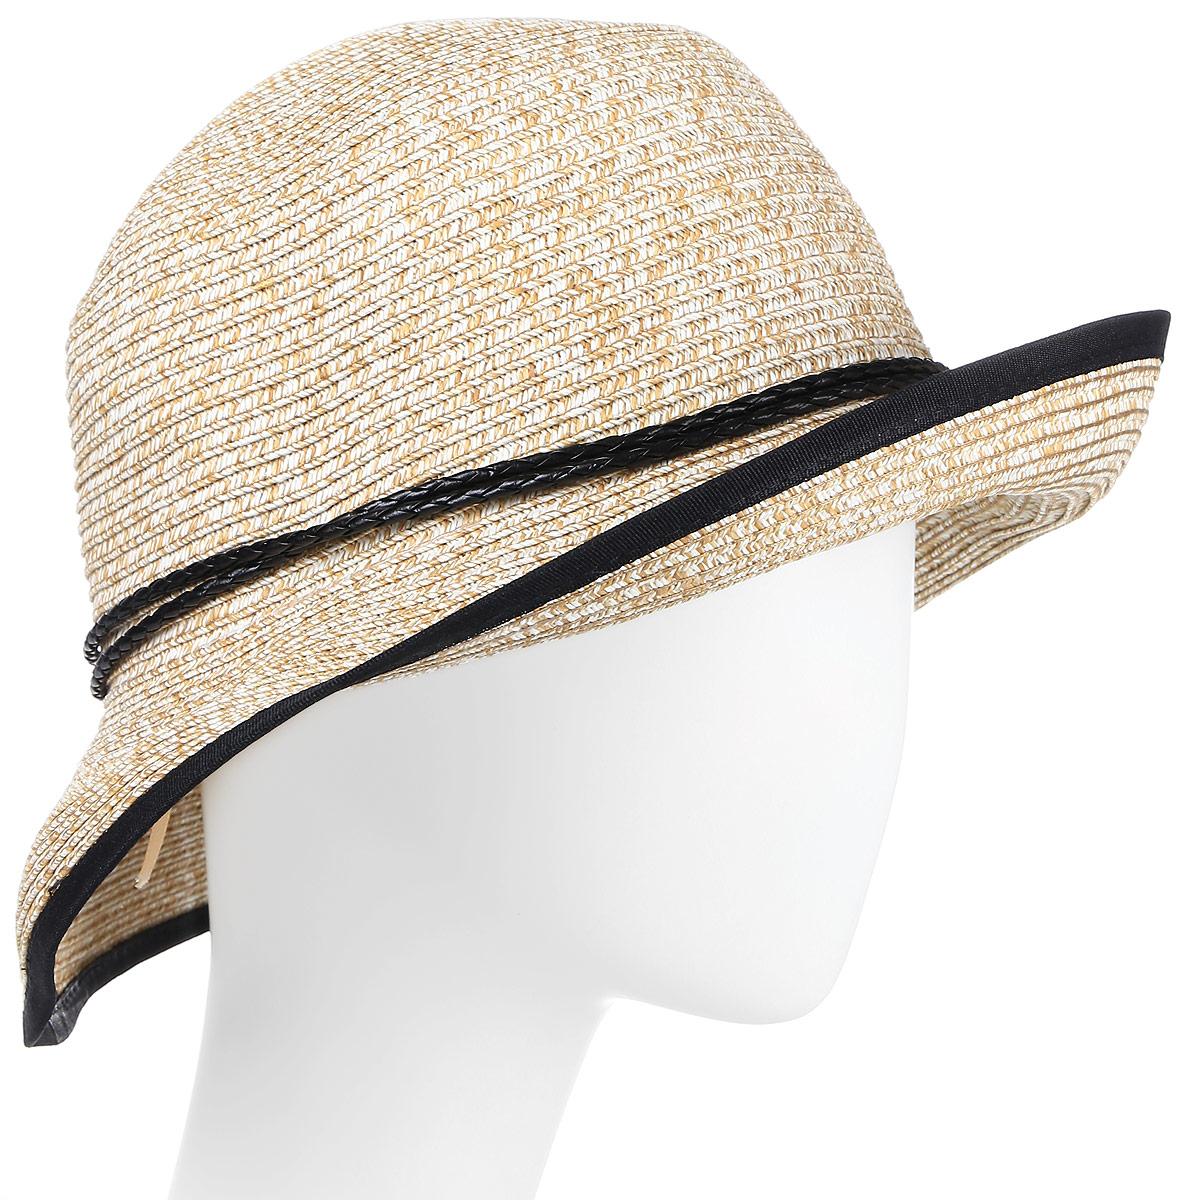 Шляпа женская Maxval, цвет: светло-бежевый. HtW100282. Размер 58HtW100282Модная шляпа Maxval выполнена из качественной бумажной соломки. Шляпа с широкими полями дополнена декоративным плетеным шнурком. Эта модель станет отличным аксессуаром и дополнит ваш повседневный образ.